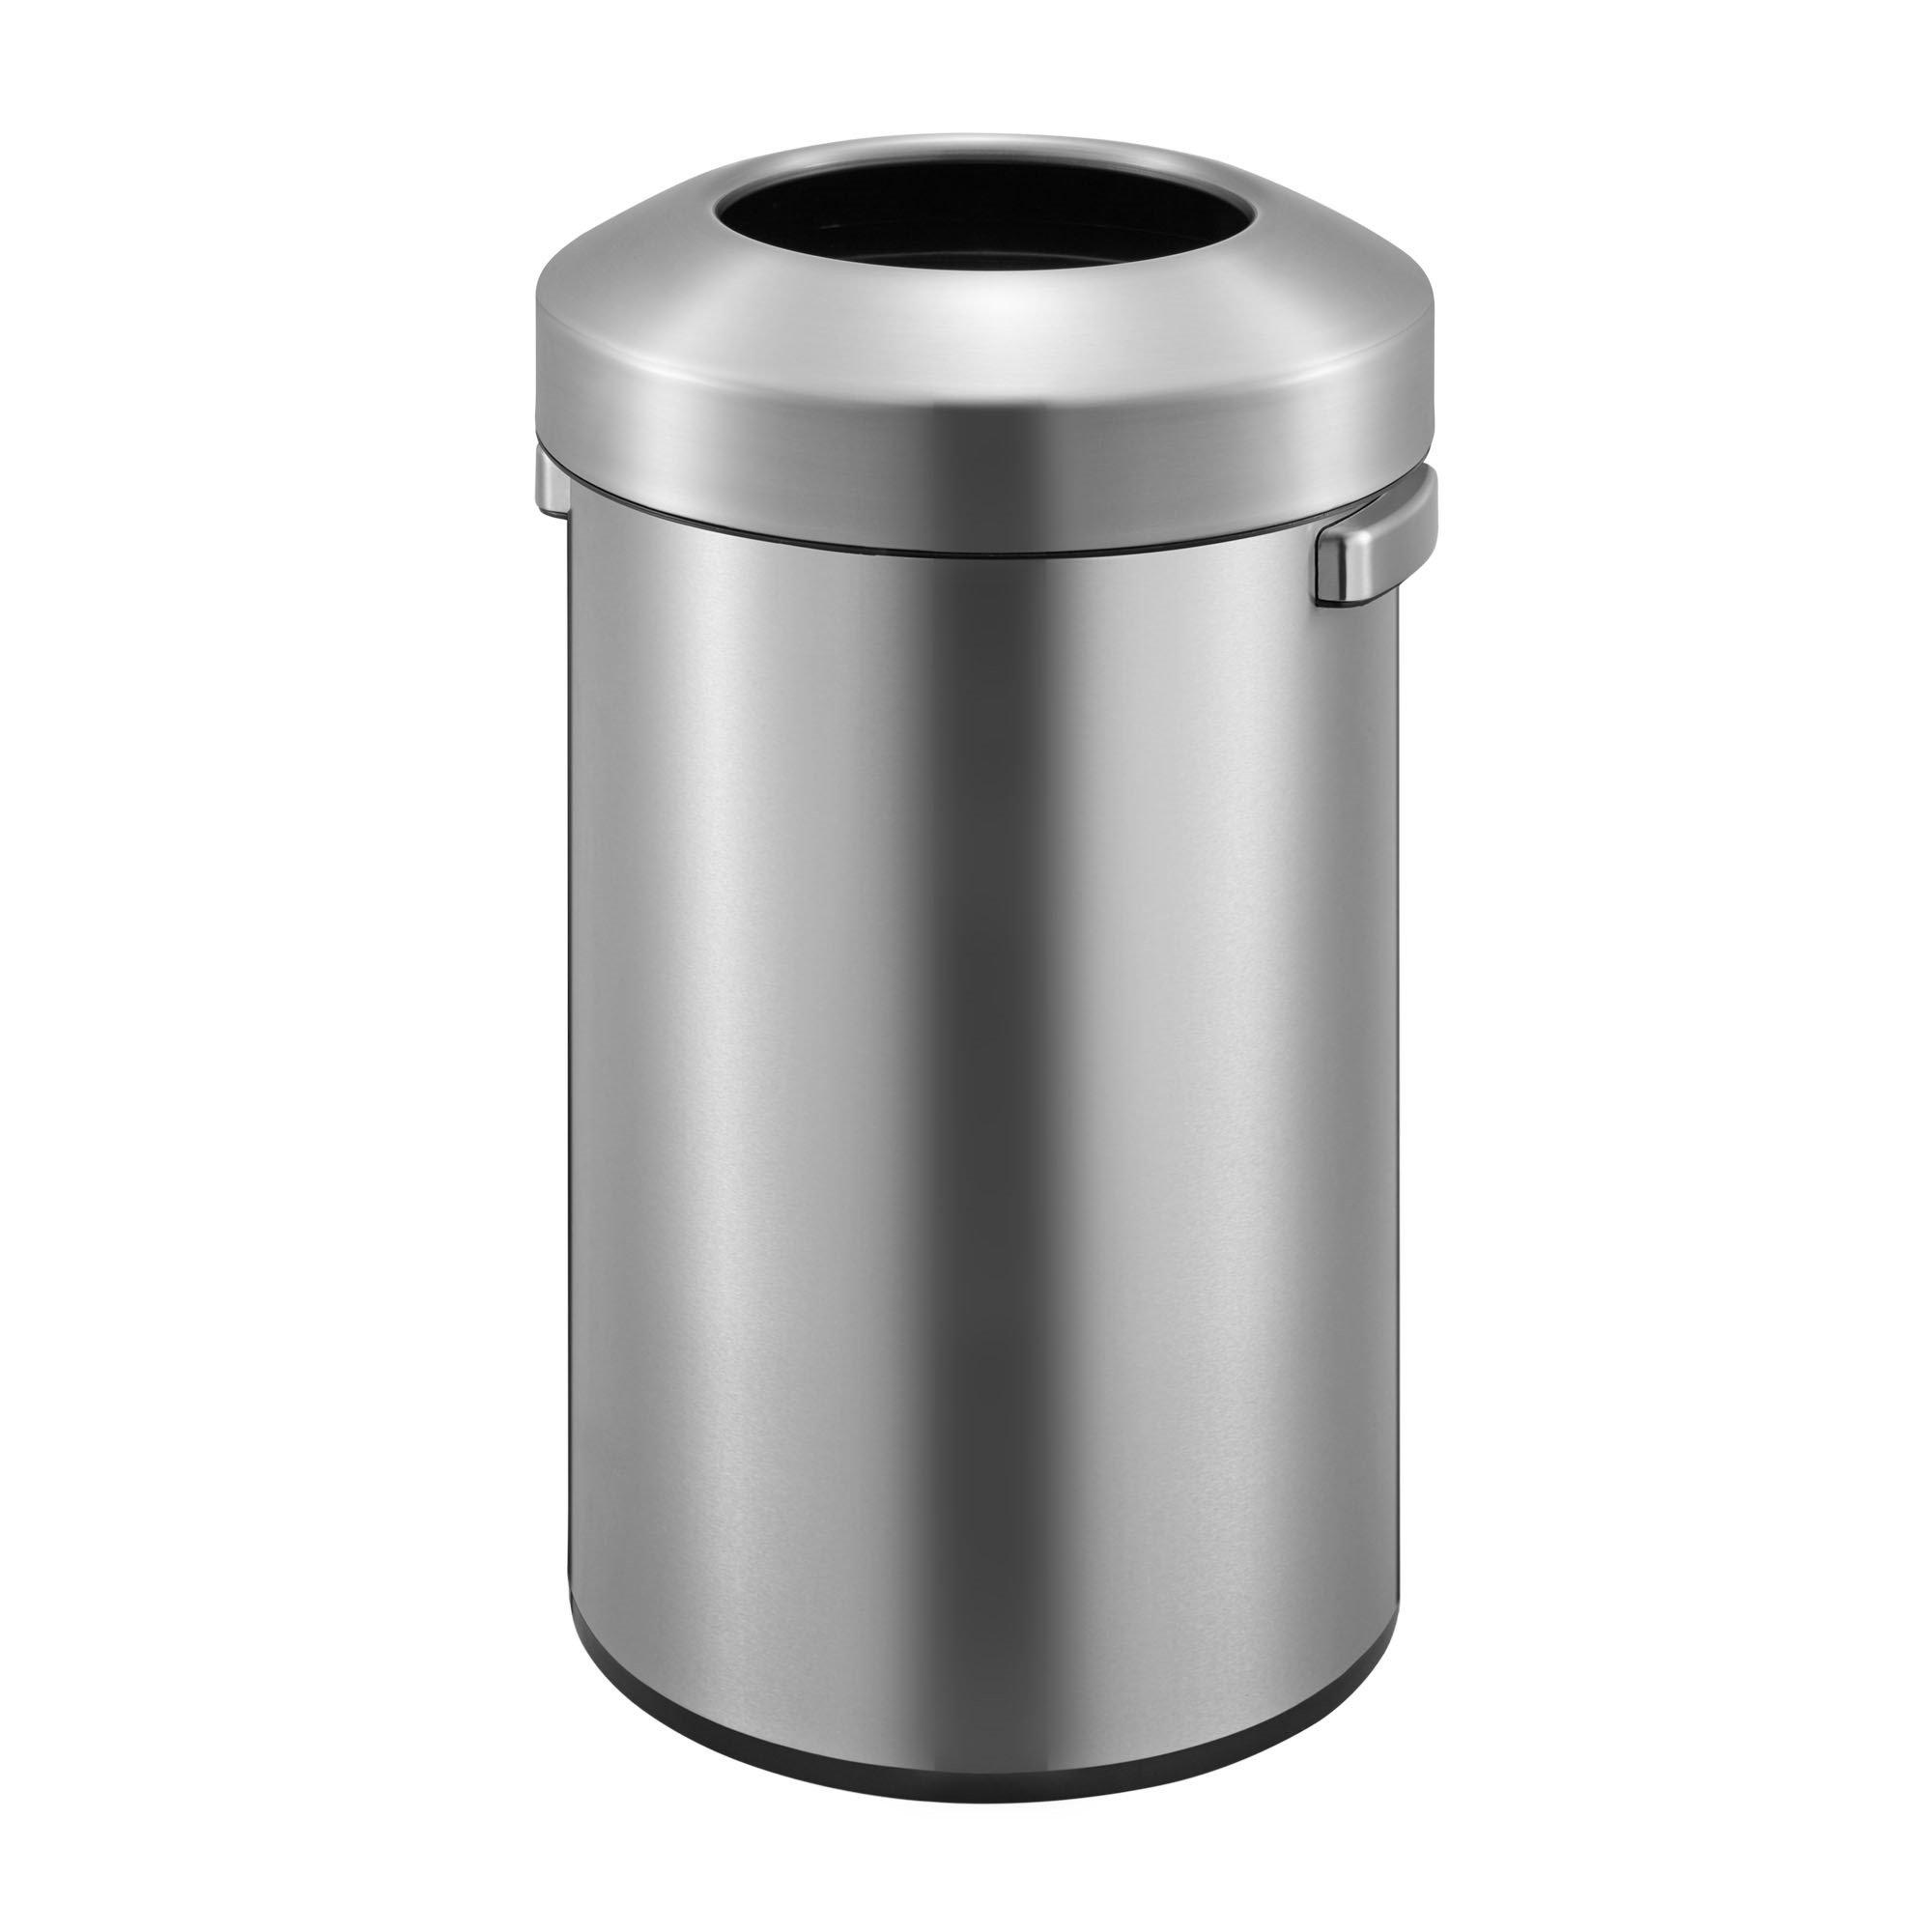 EKO 90556-1 60L Urban Commercial Round Trash Bin